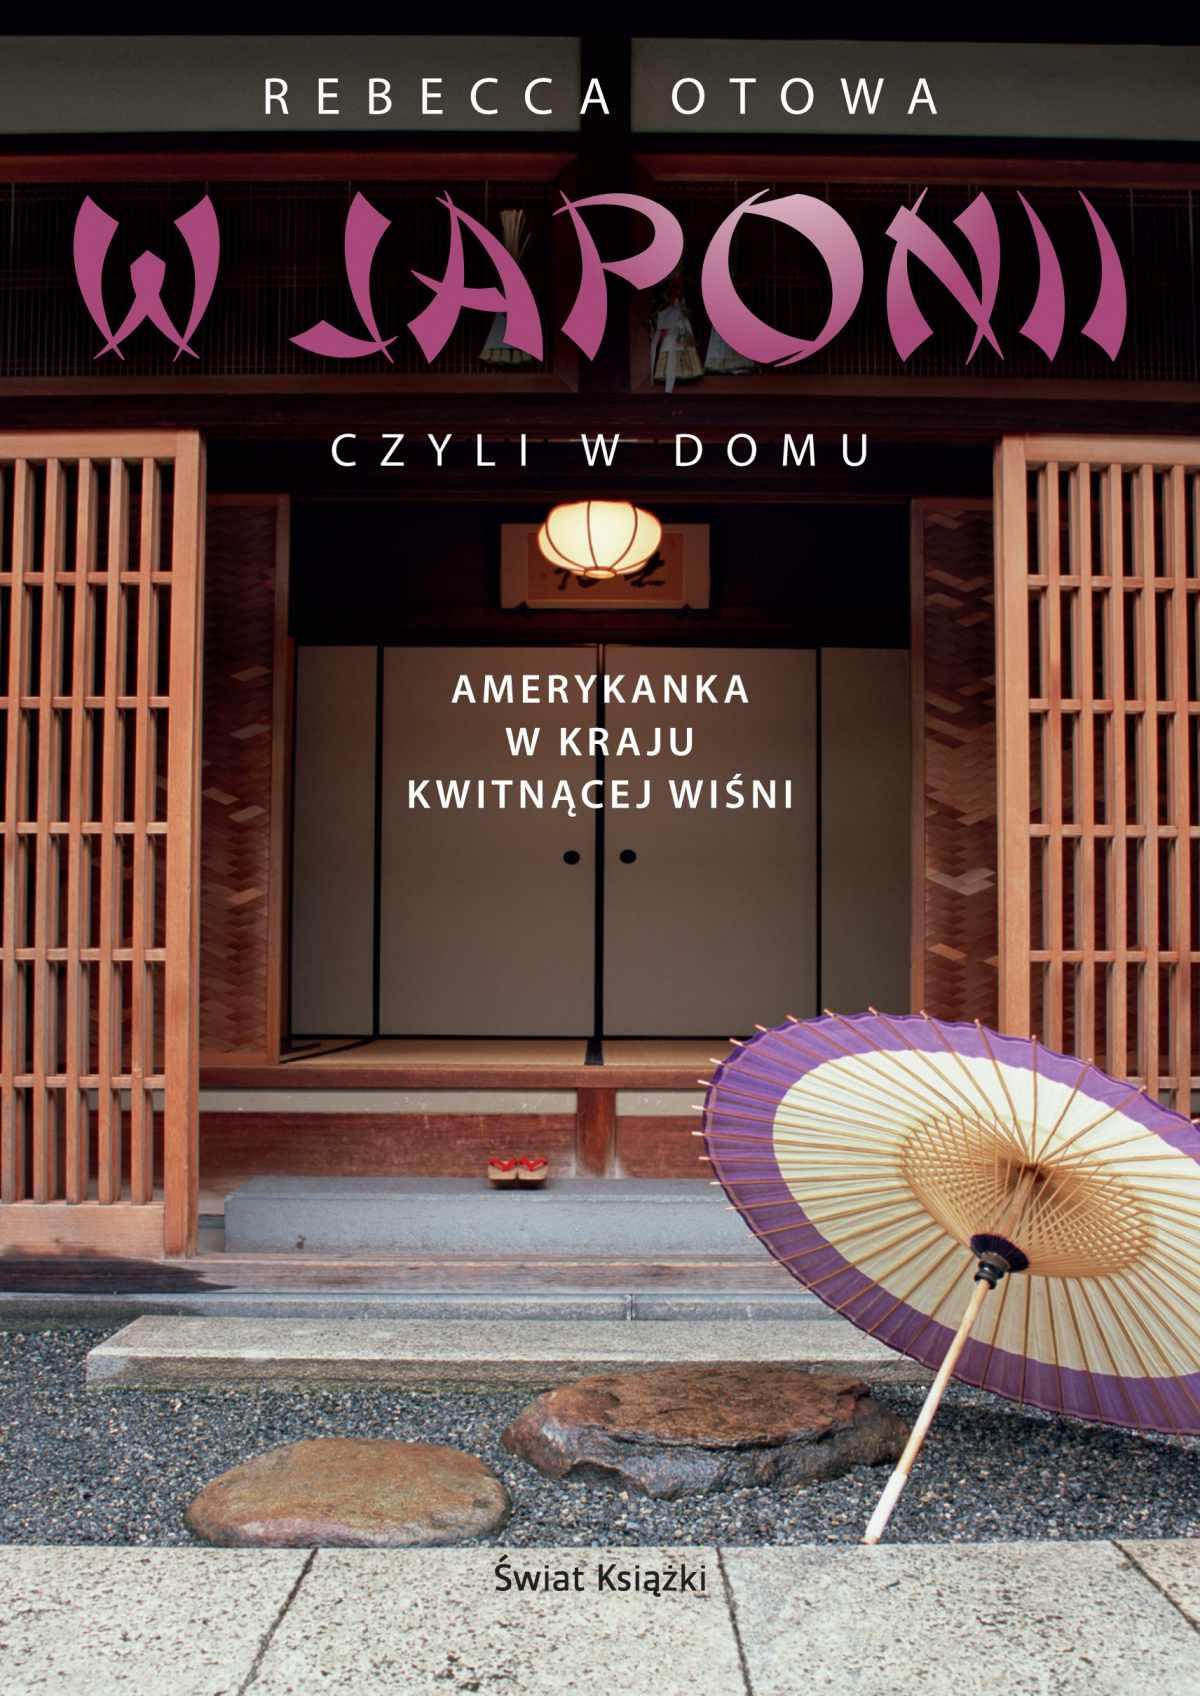 W Japonii, czyli w domu - Ebook (Książka EPUB) do pobrania w formacie EPUB